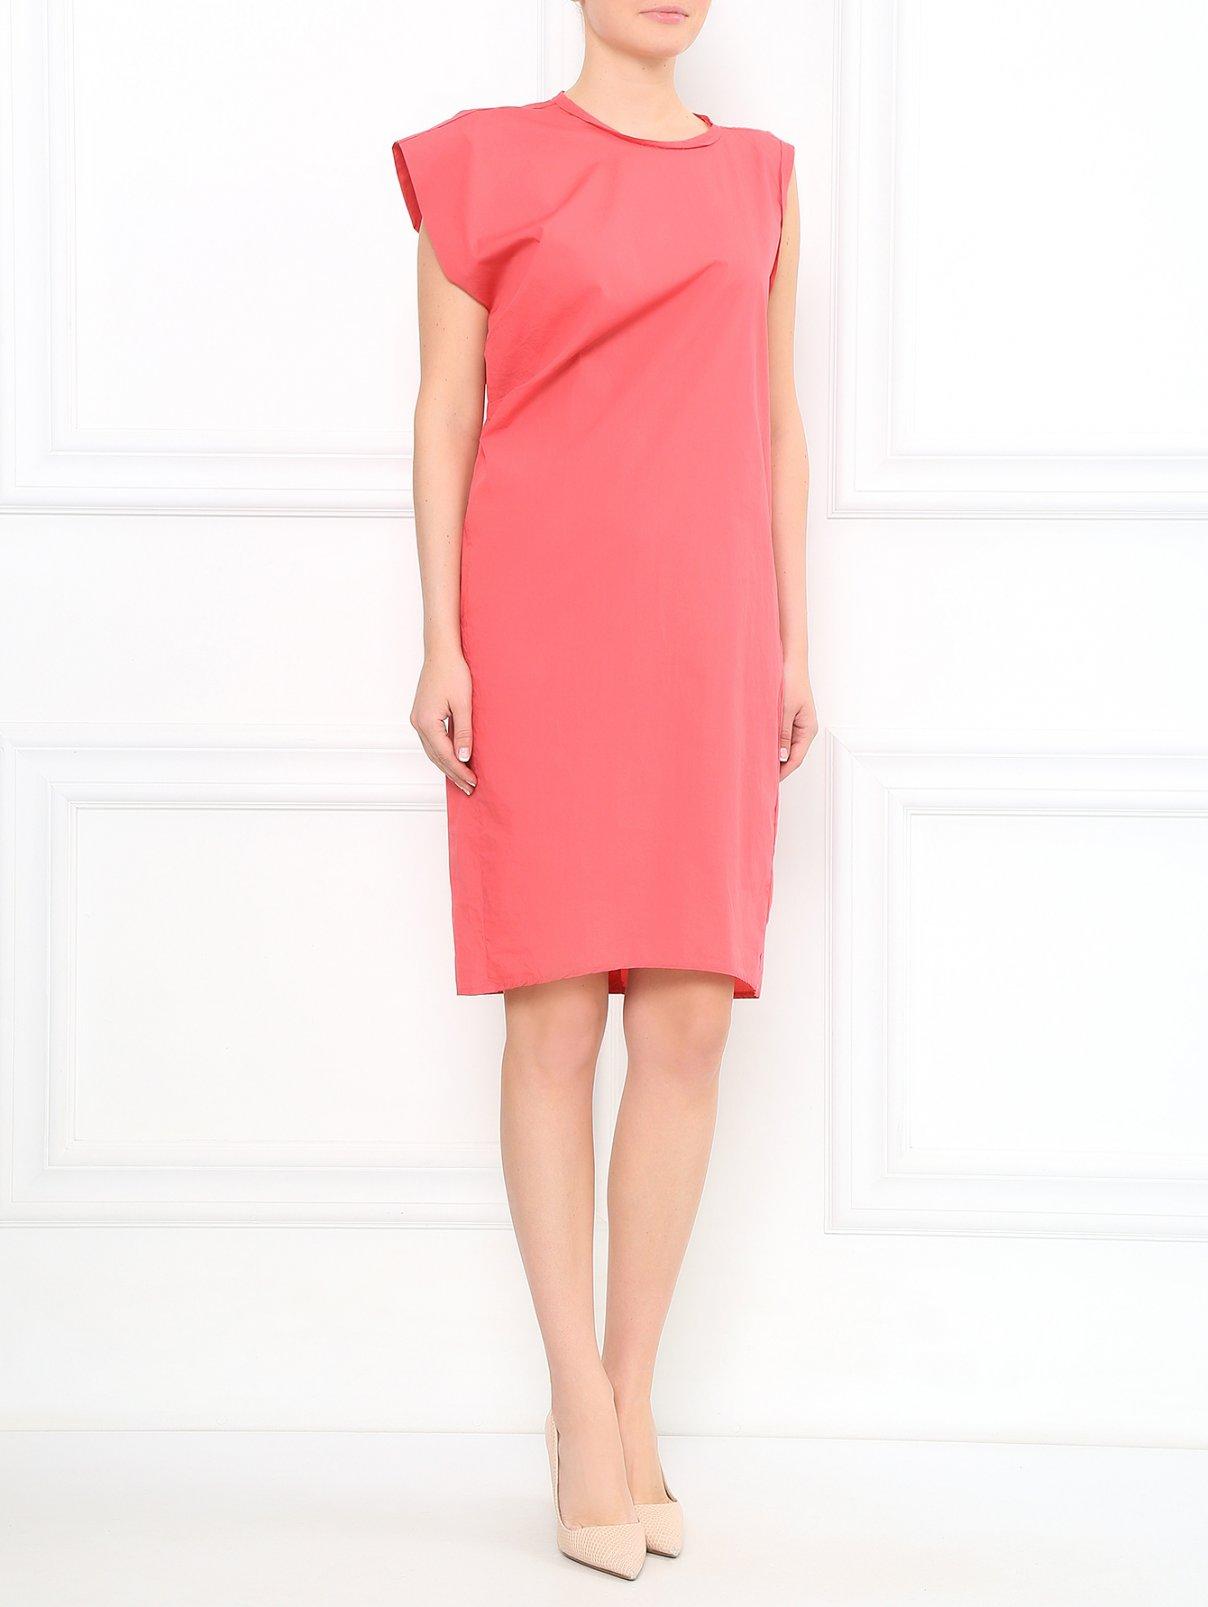 Платье-миди из хлопка с драпировкой Nude  –  Модель Общий вид  – Цвет:  Розовый